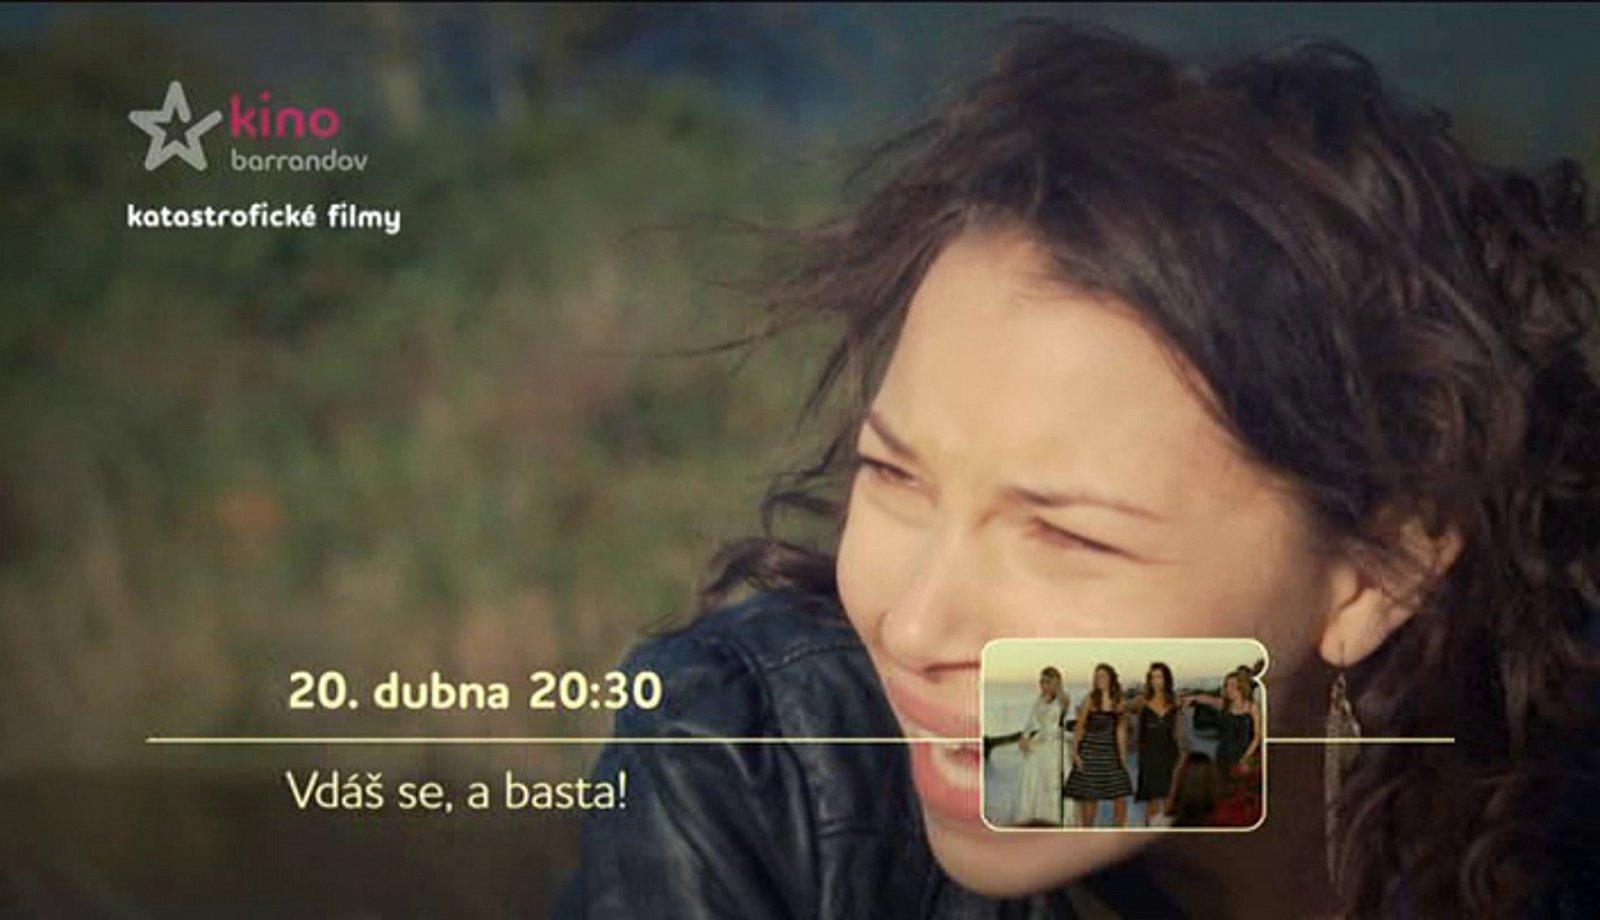 Upoutávky a promo nové televize Kino Barrandov